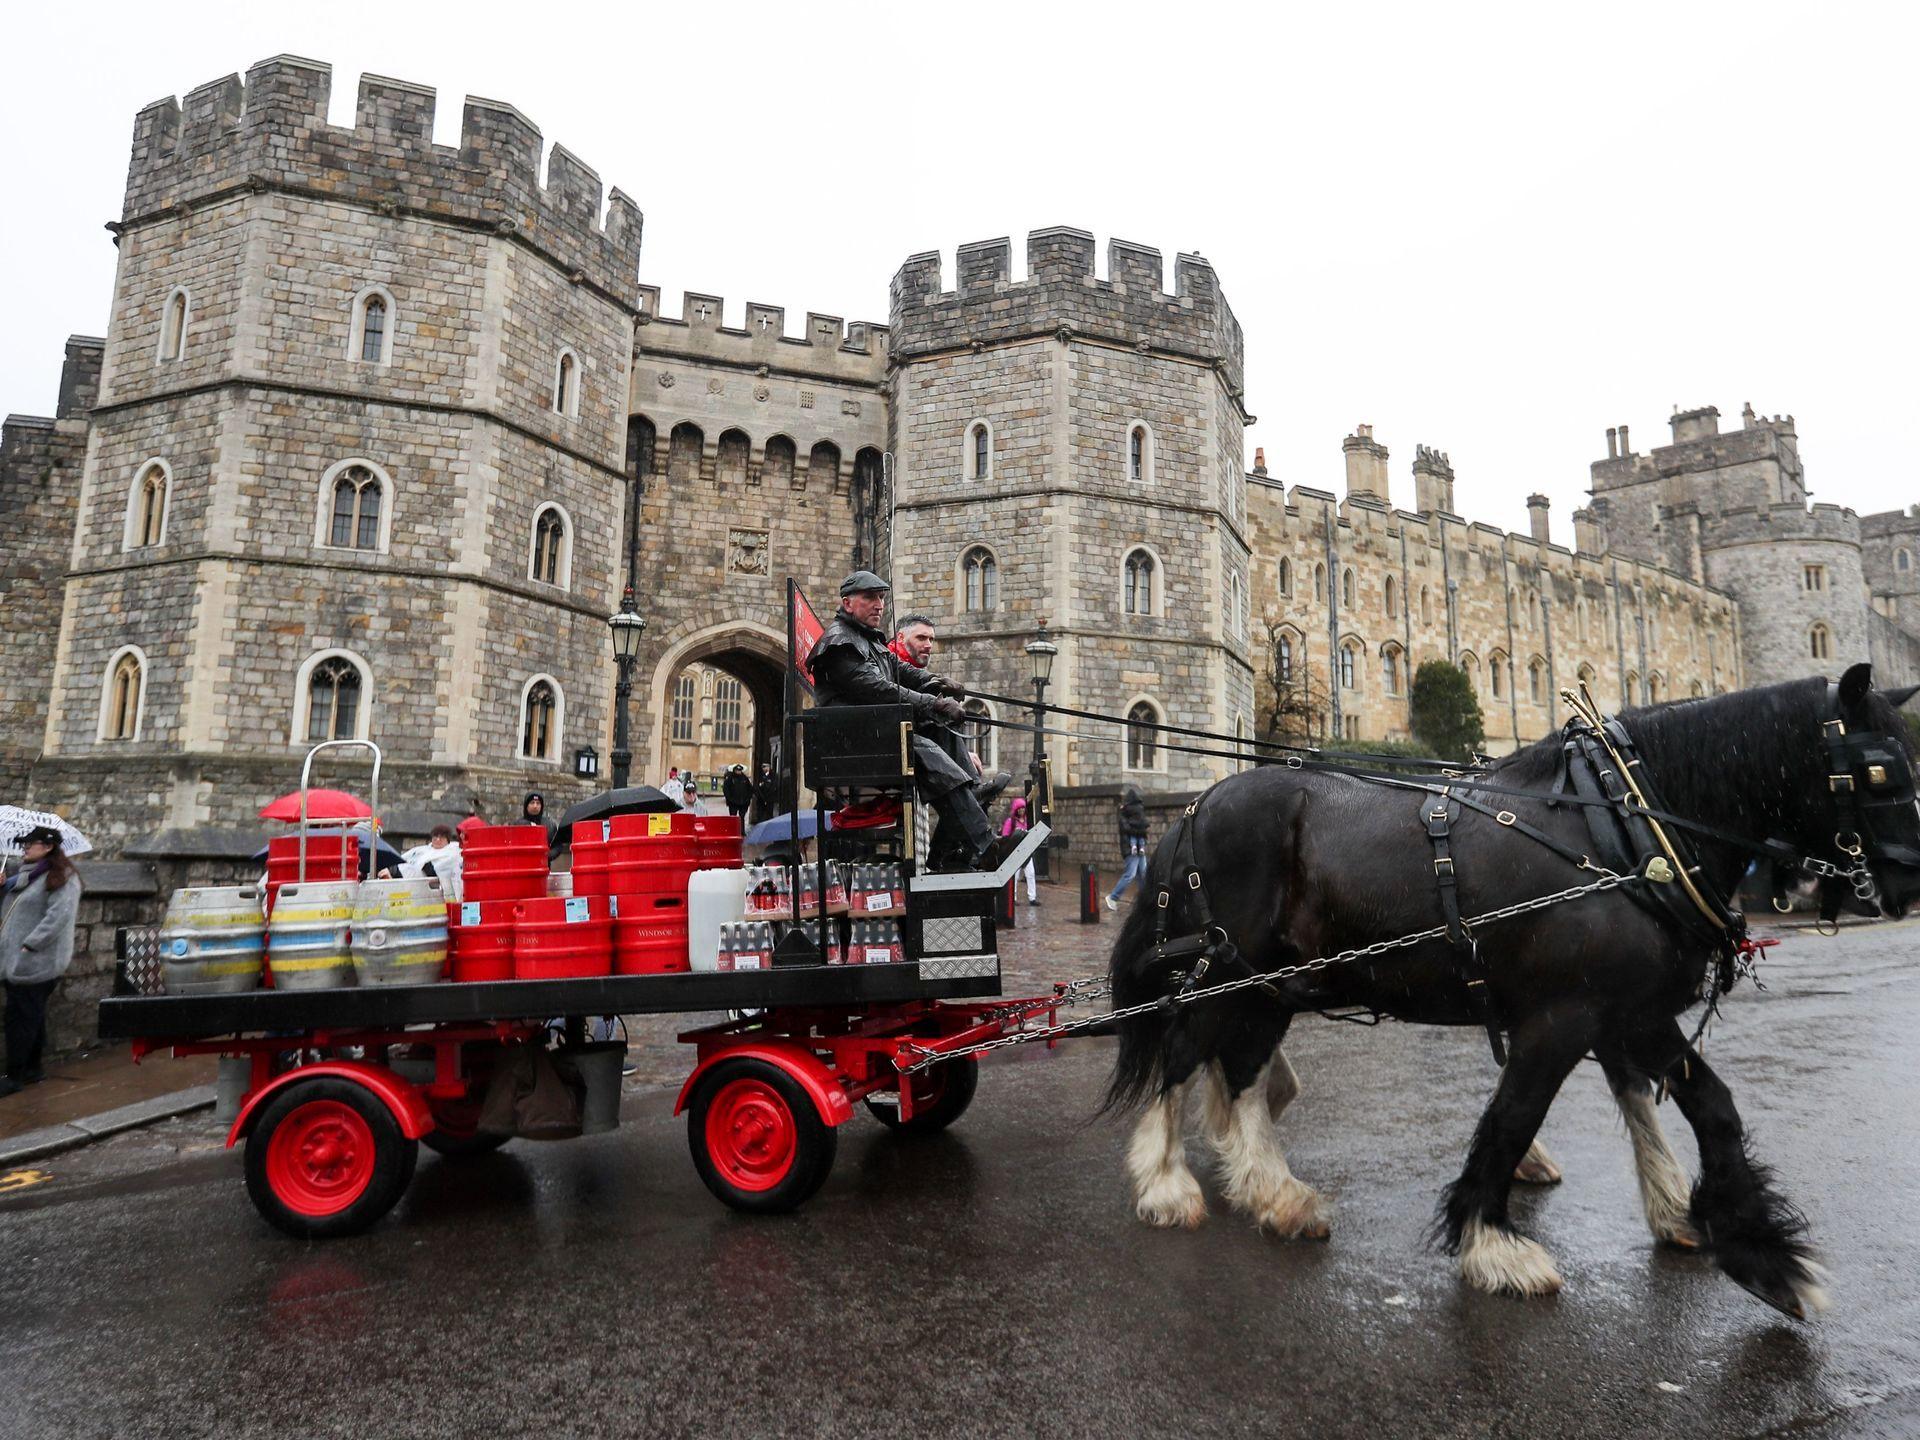 انگلستان خود را برای عروسی سلطنتی آماده میکند